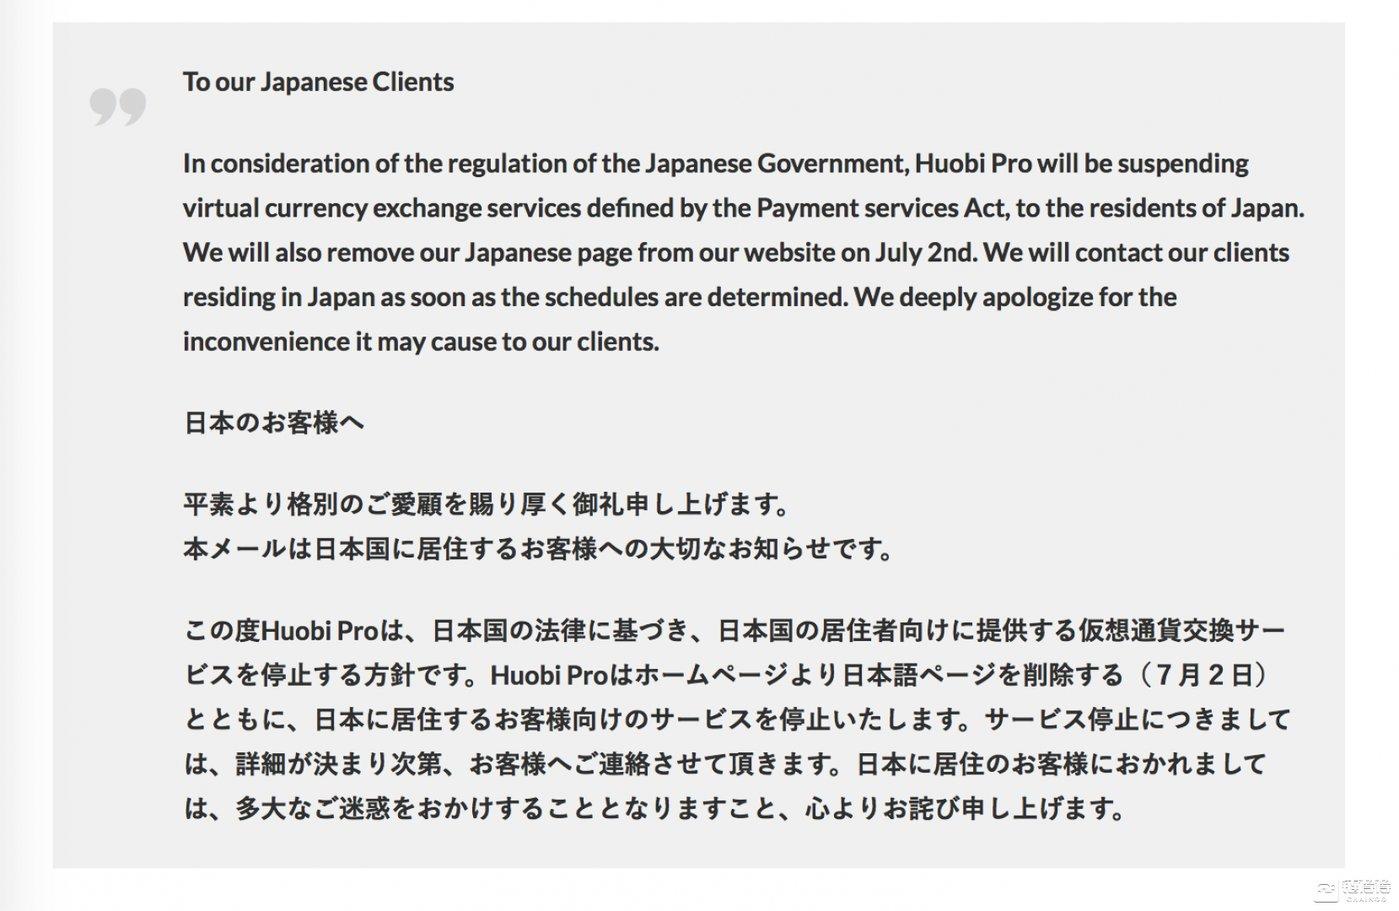 火币撤出日本邮件通知